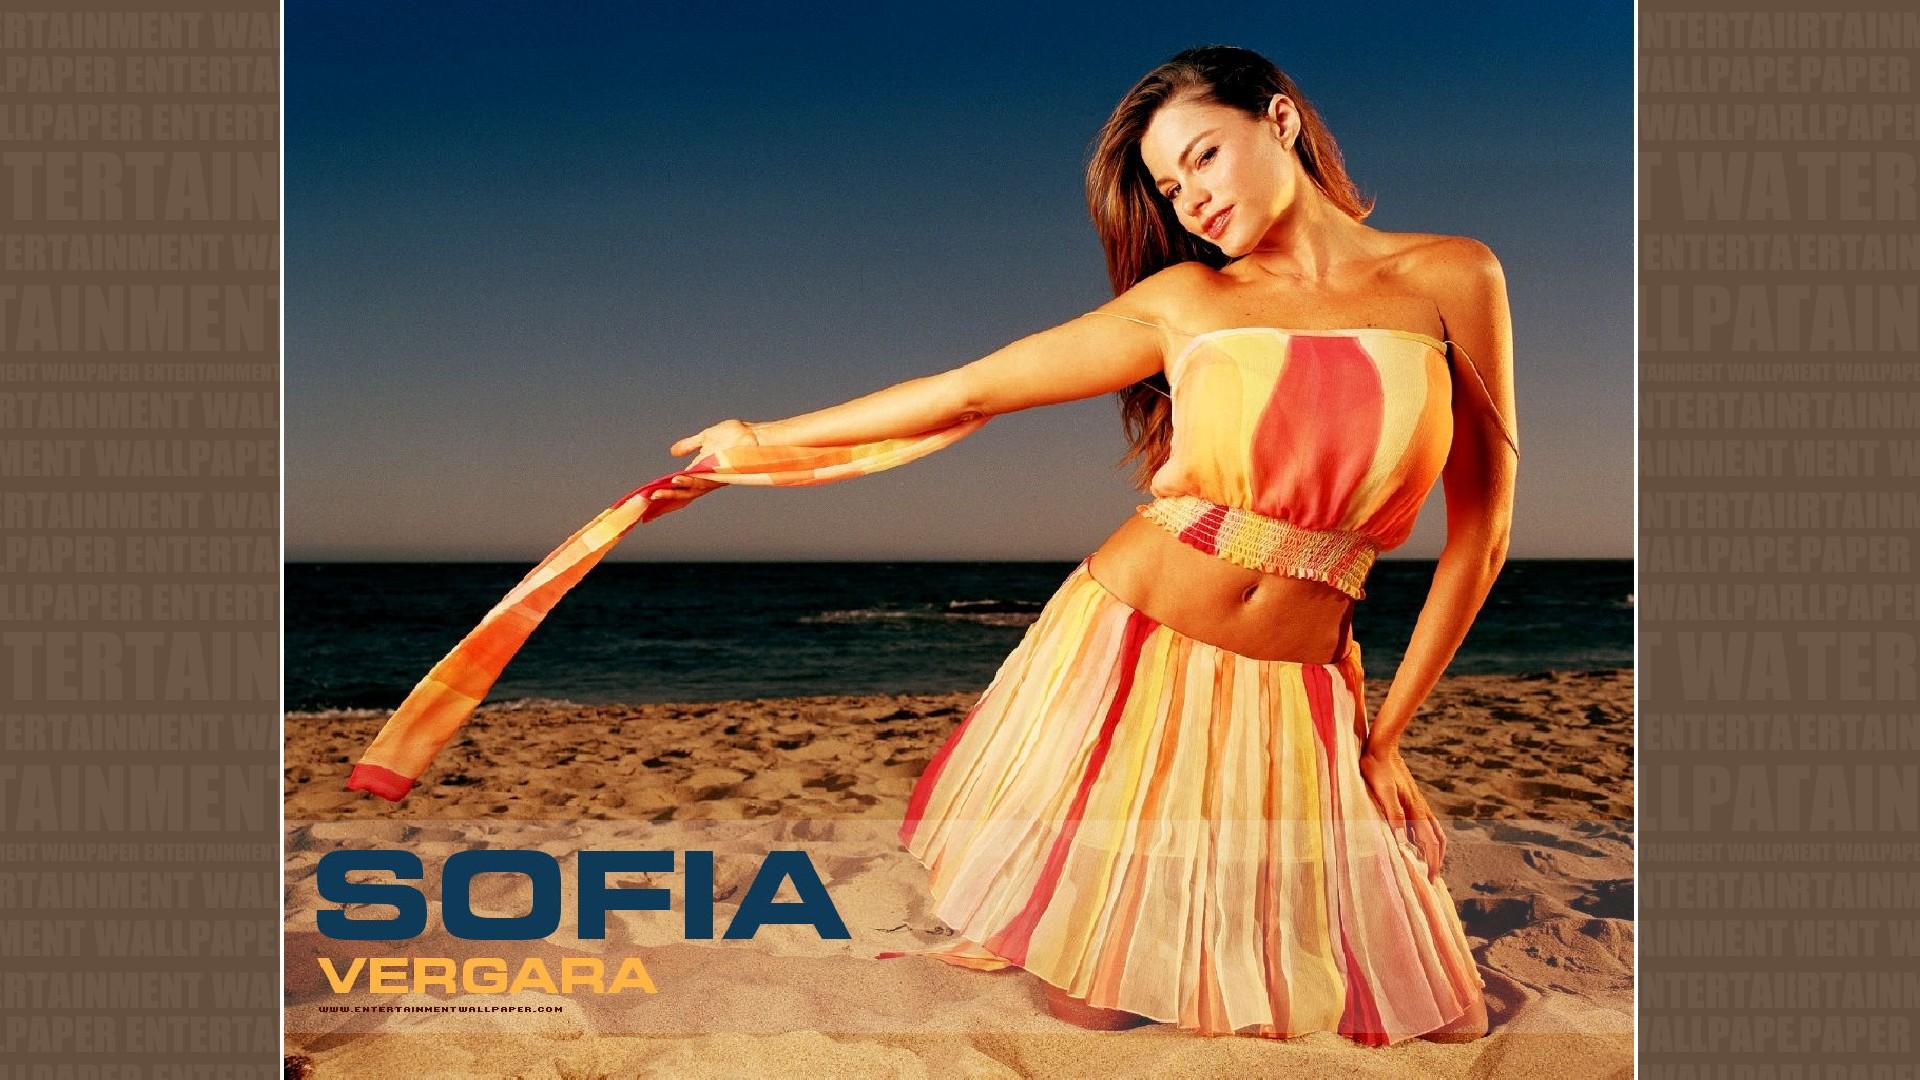 sofia vergara wallpaper 60016254 size 1920x1080 more sofia vergara 1920x1080